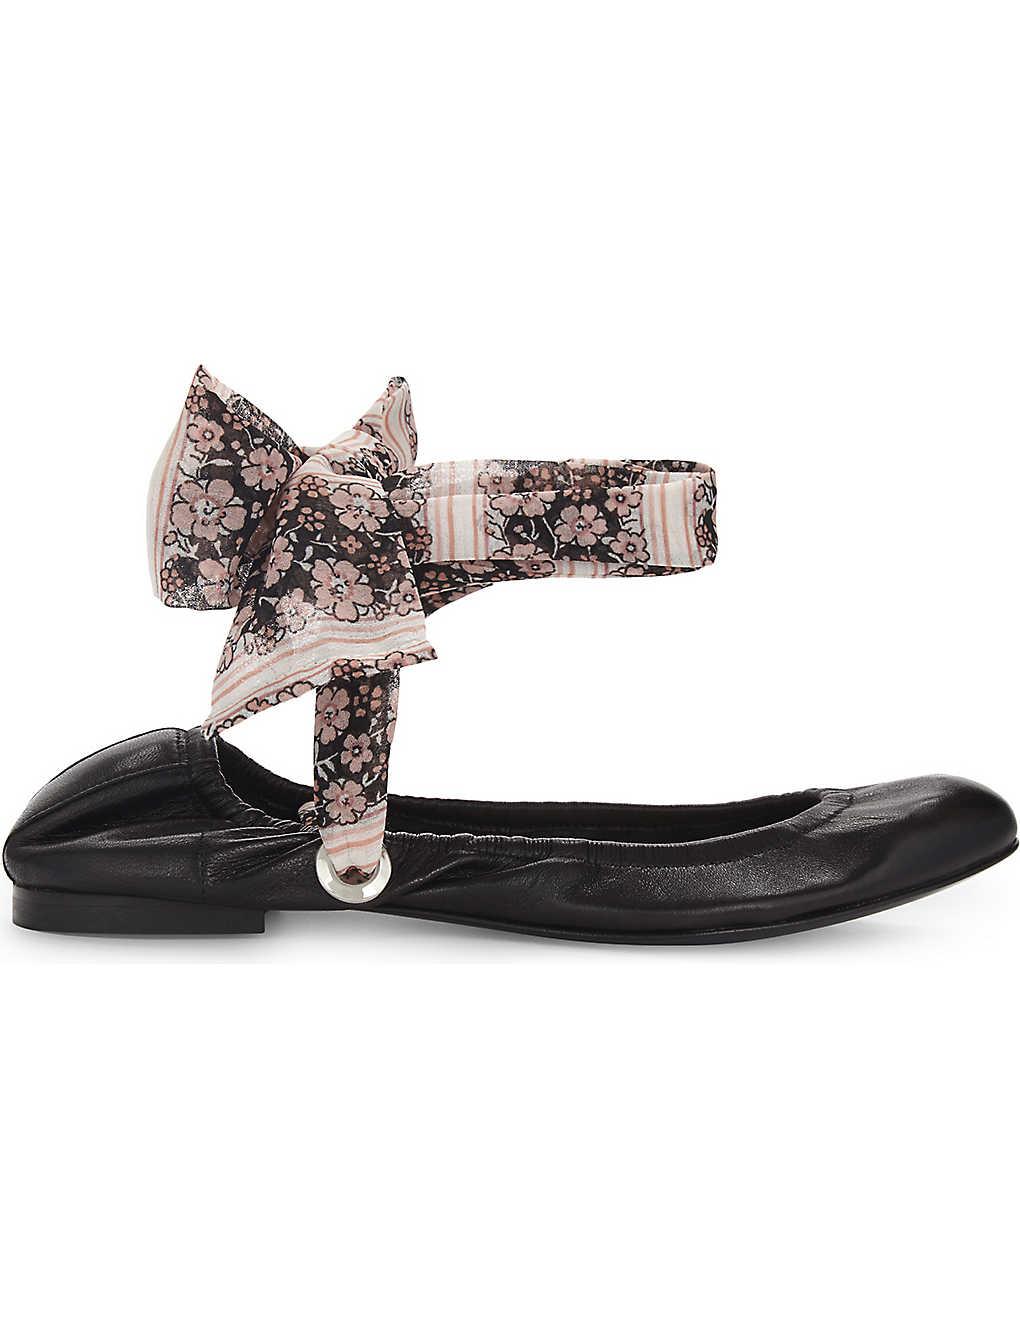 Noir CLAUDIE PIERLOT Achille floral strap leather ballet flats